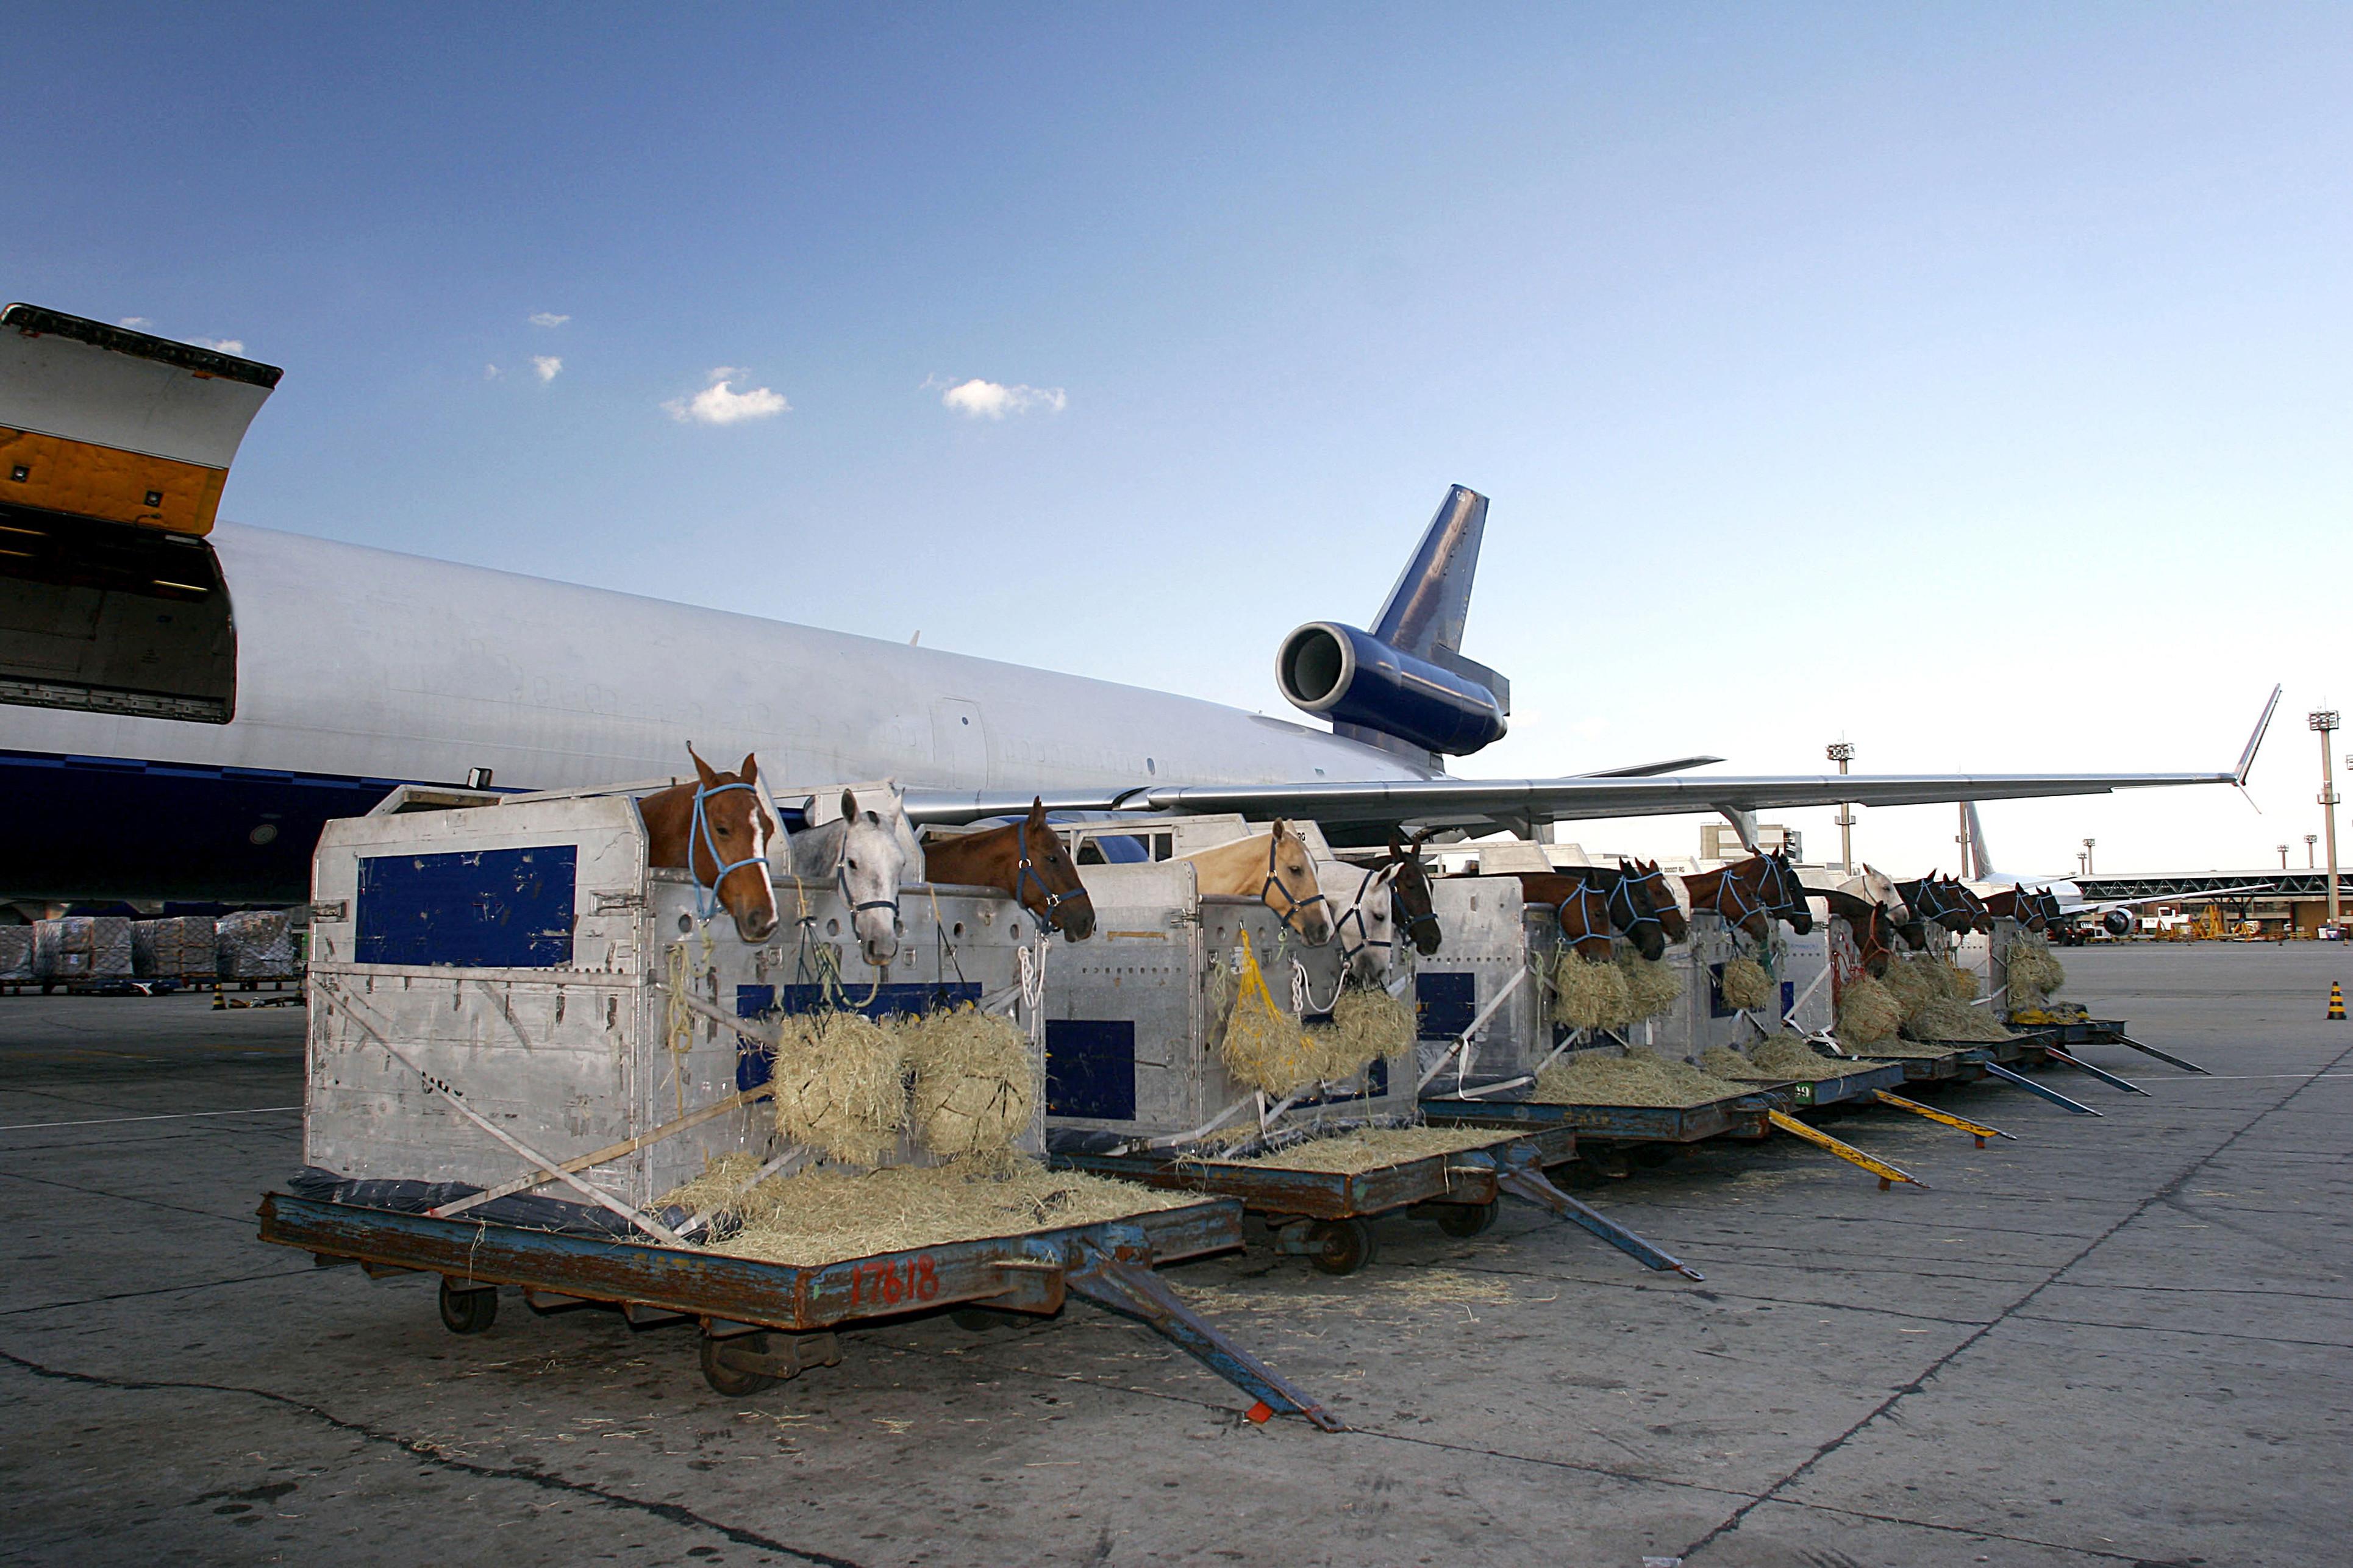 Rennpferde Transport. Vorbereitung fürs Transport im Flieger